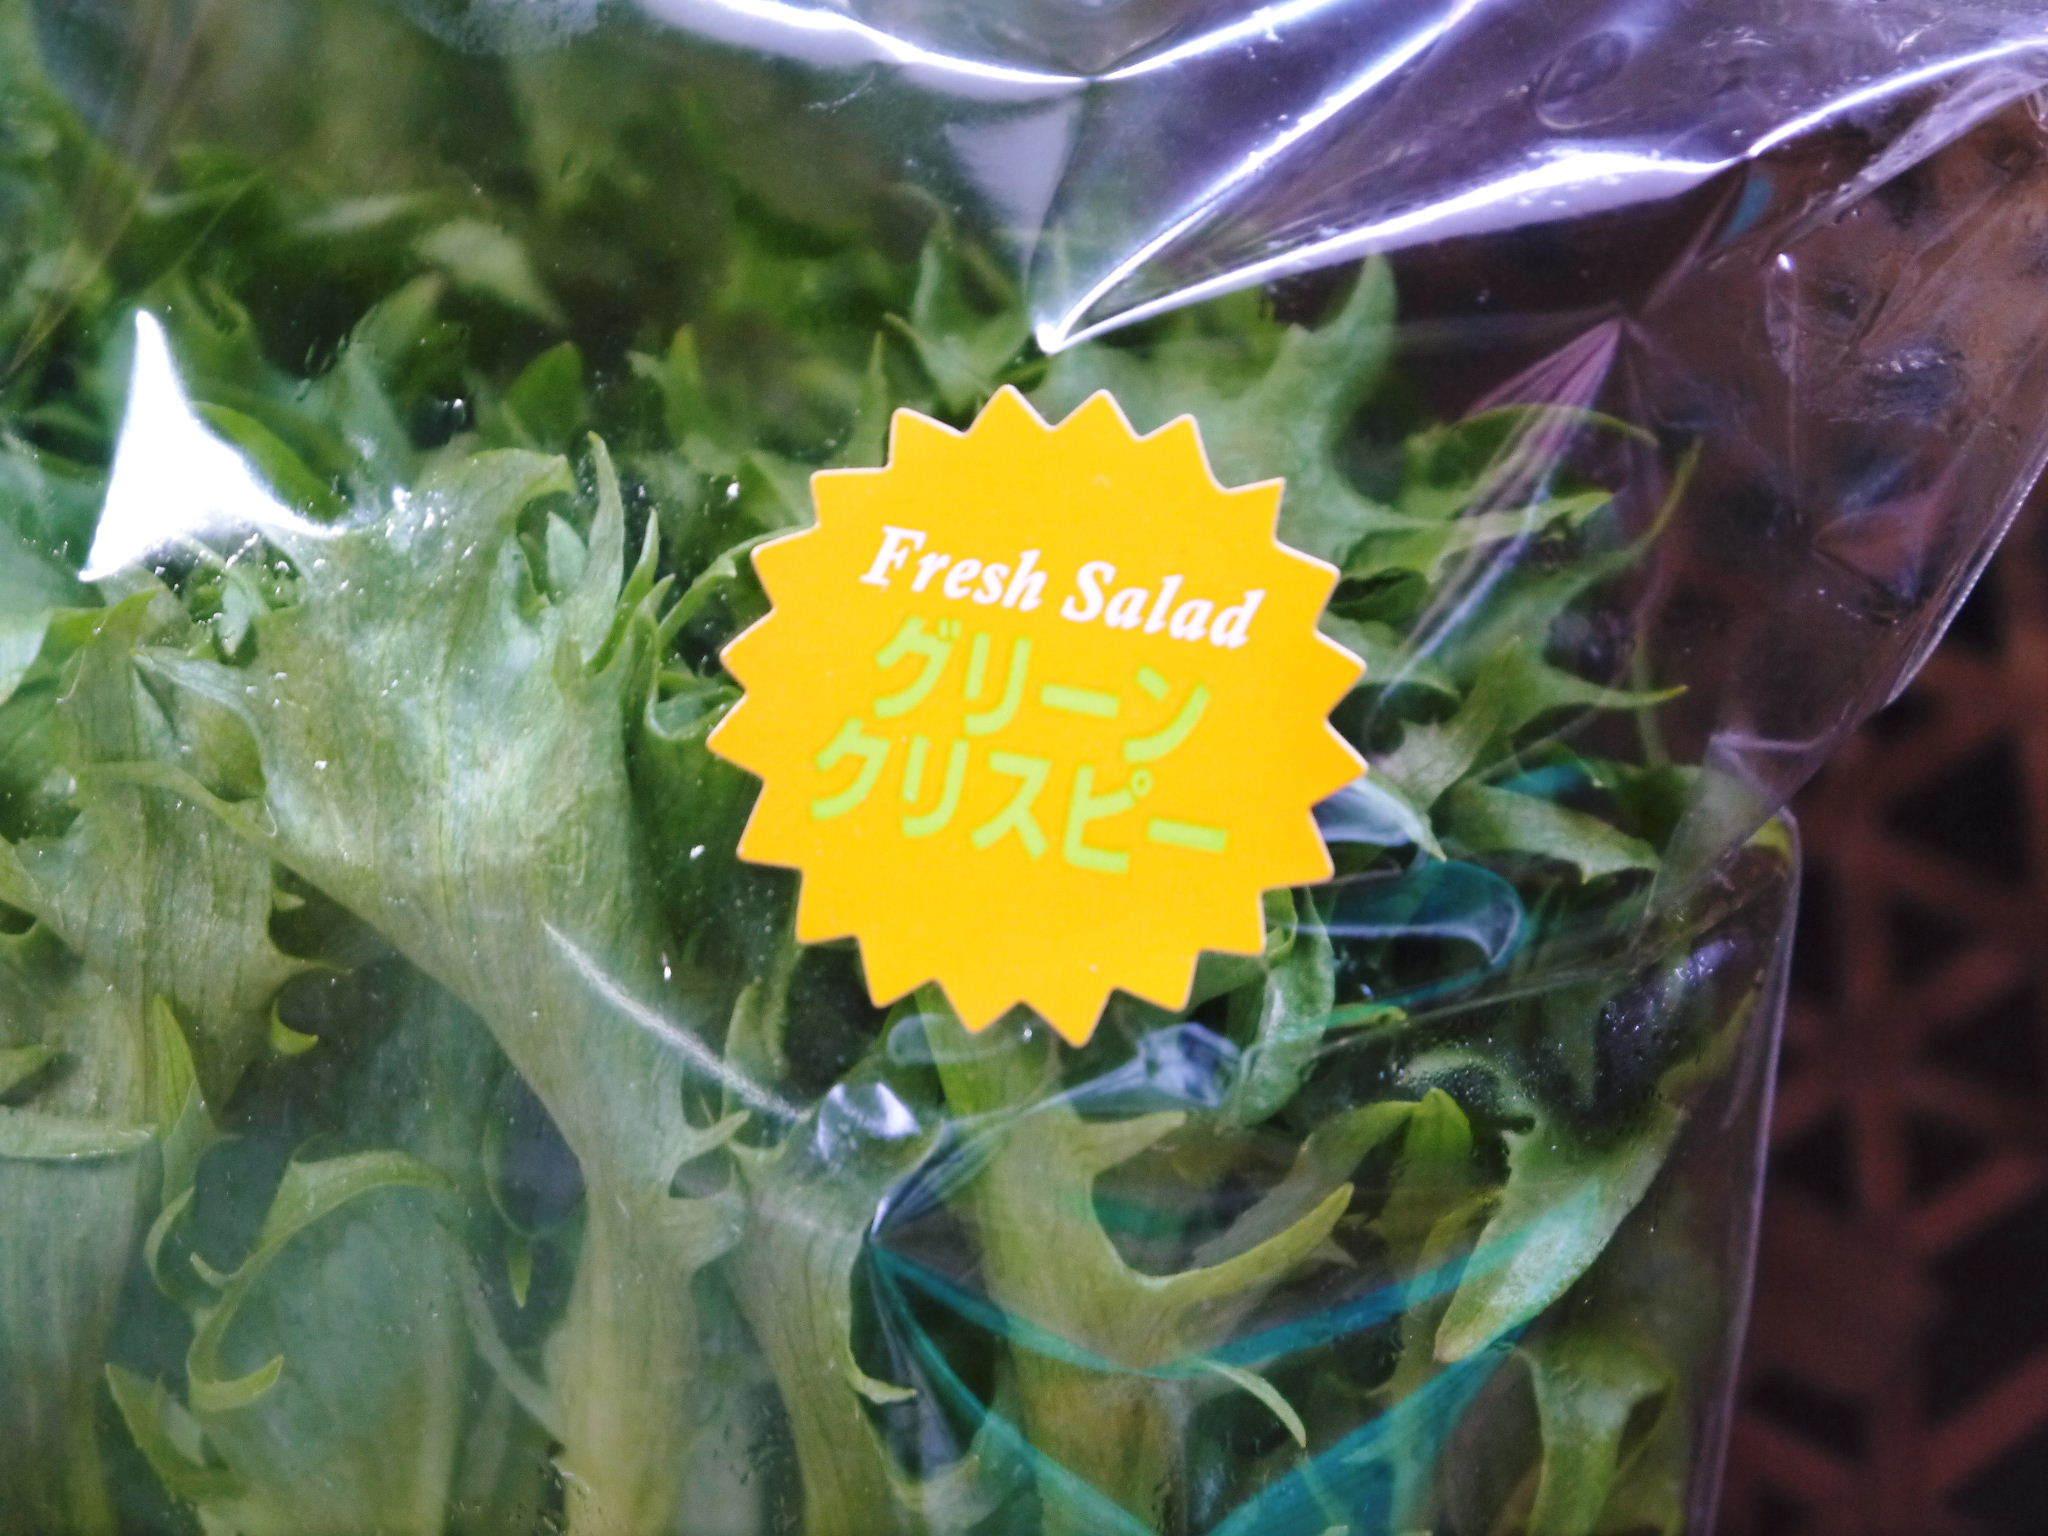 水耕栽培の新鮮野菜 無農薬栽培の生野菜!新商品!「グリーンクリスピー」の販売に向けて!_a0254656_17582002.jpg